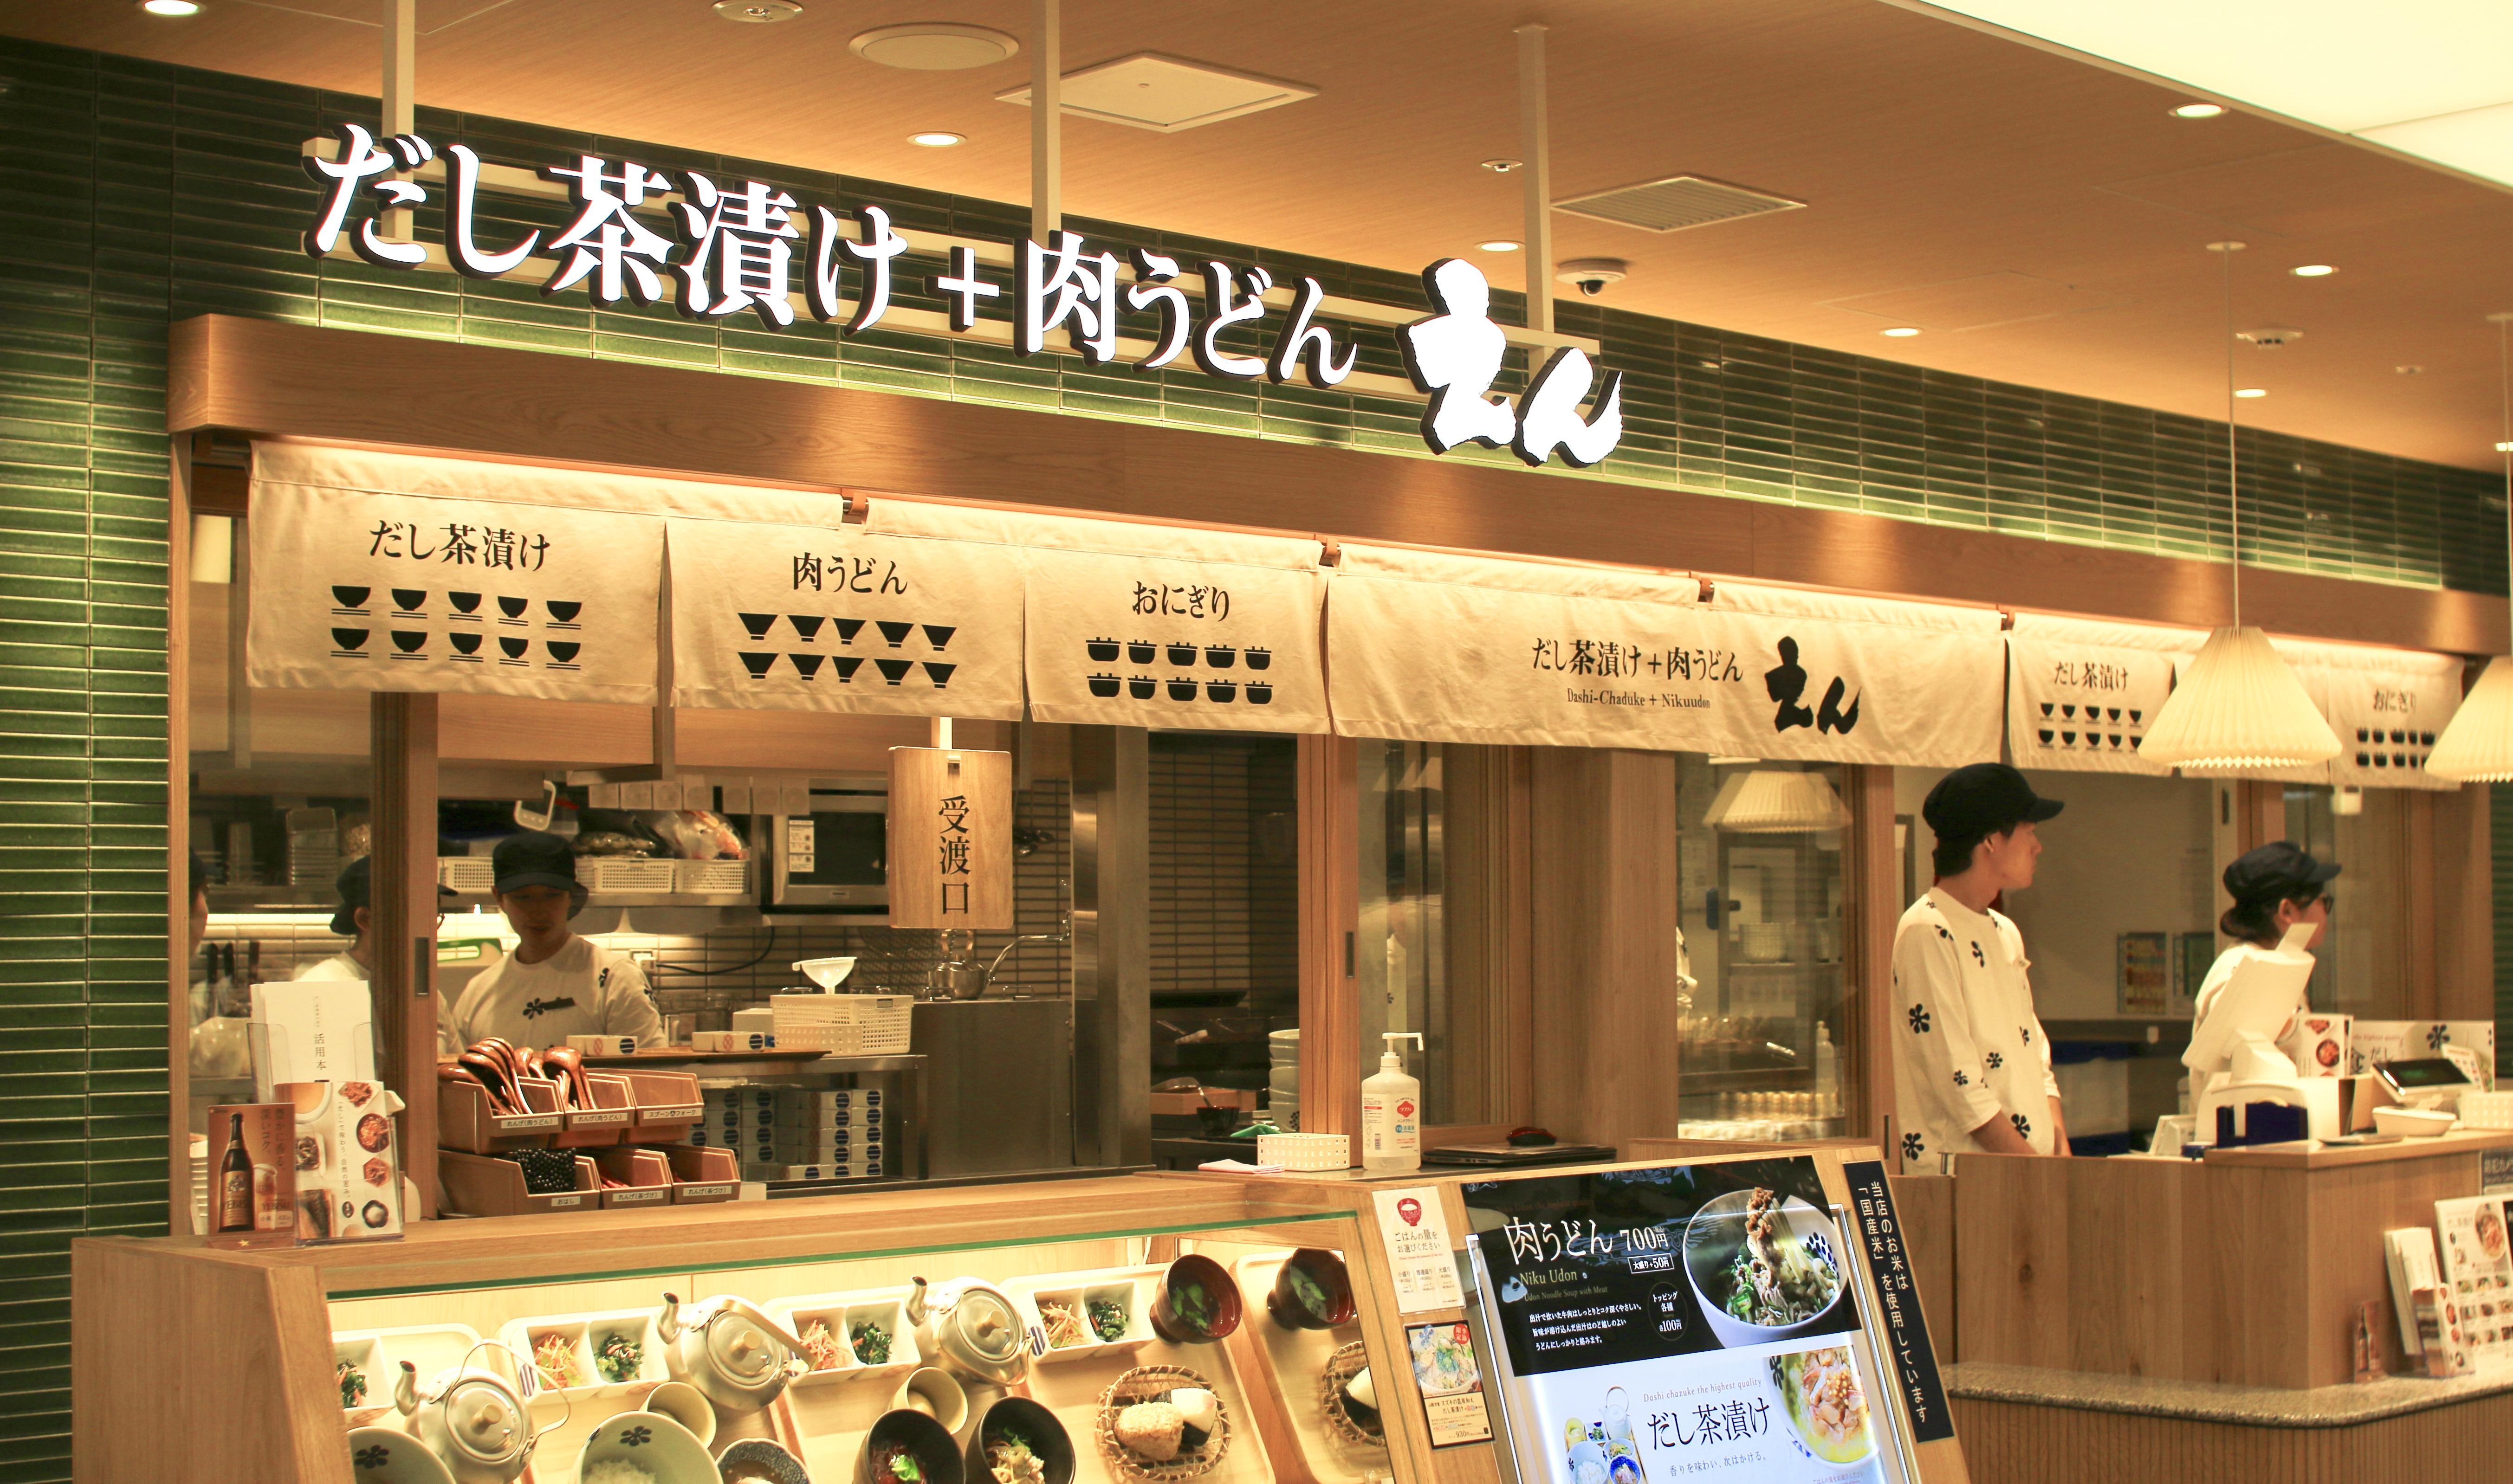 名古屋駅直結「タワーズプラザ レストラン街」がリニューアル!東海初出店のお店が続々オープン - fullsizeoutput f5